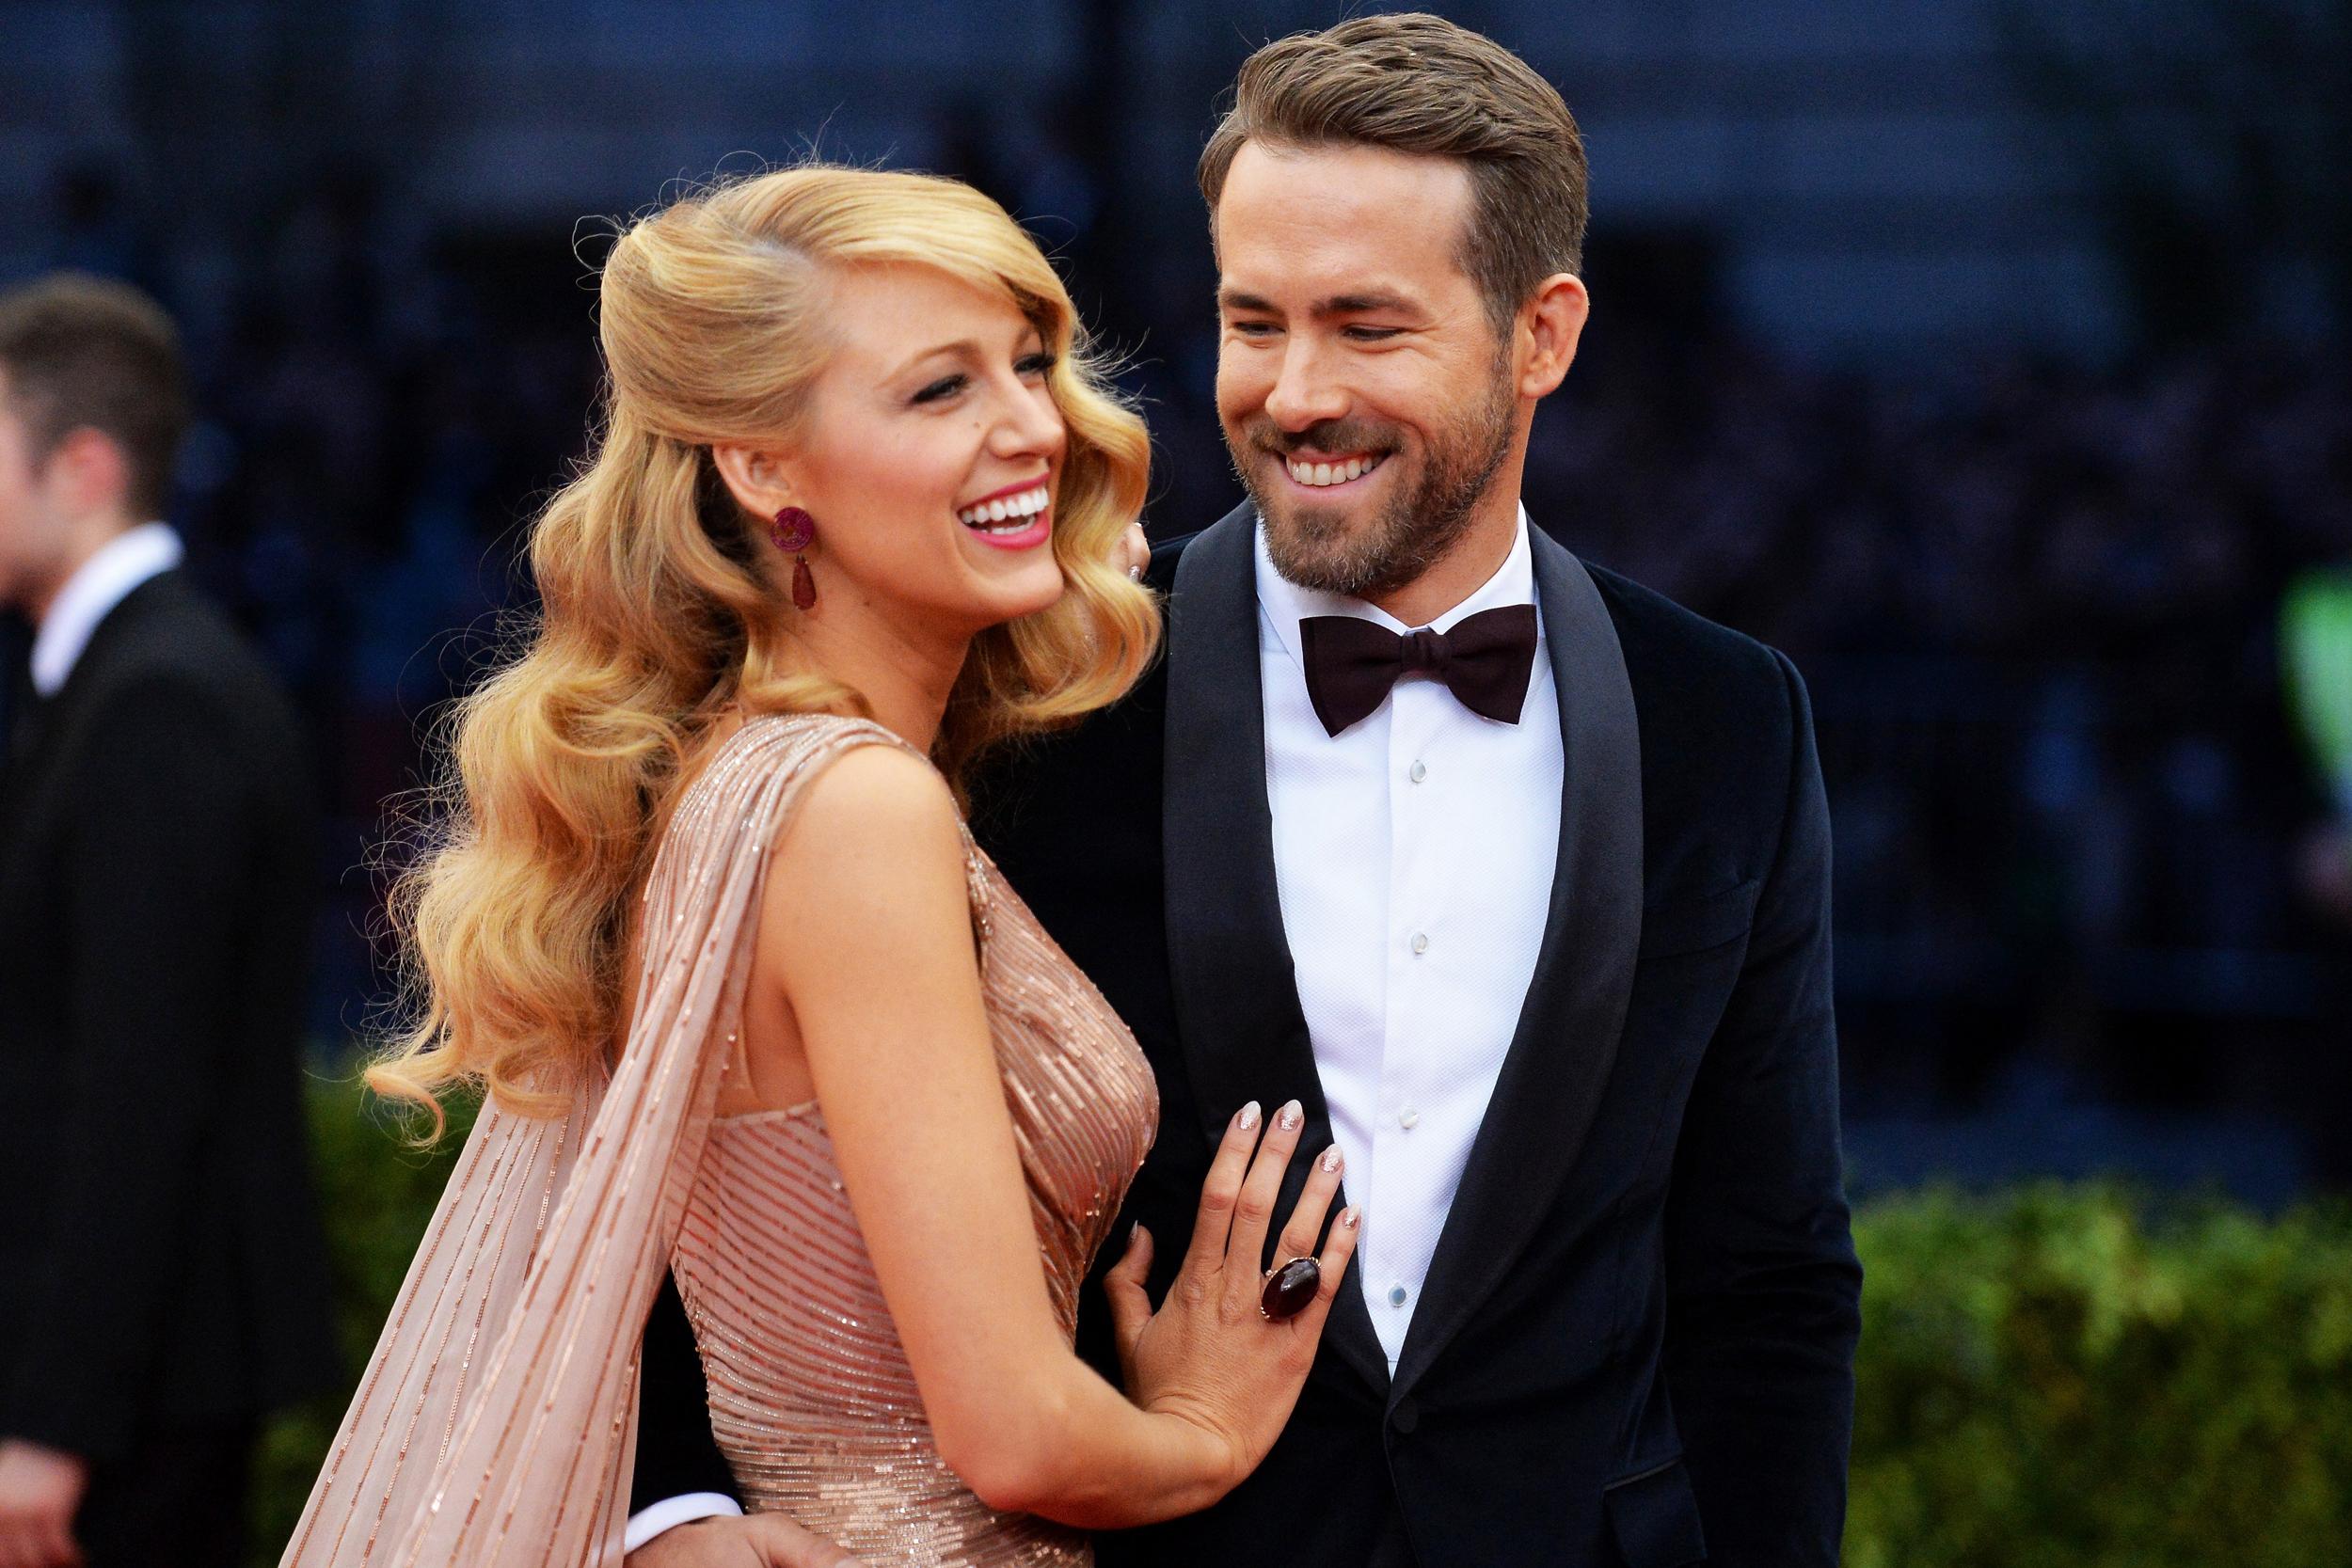 Lively wedding gosling blake ryan Ryan Reynolds